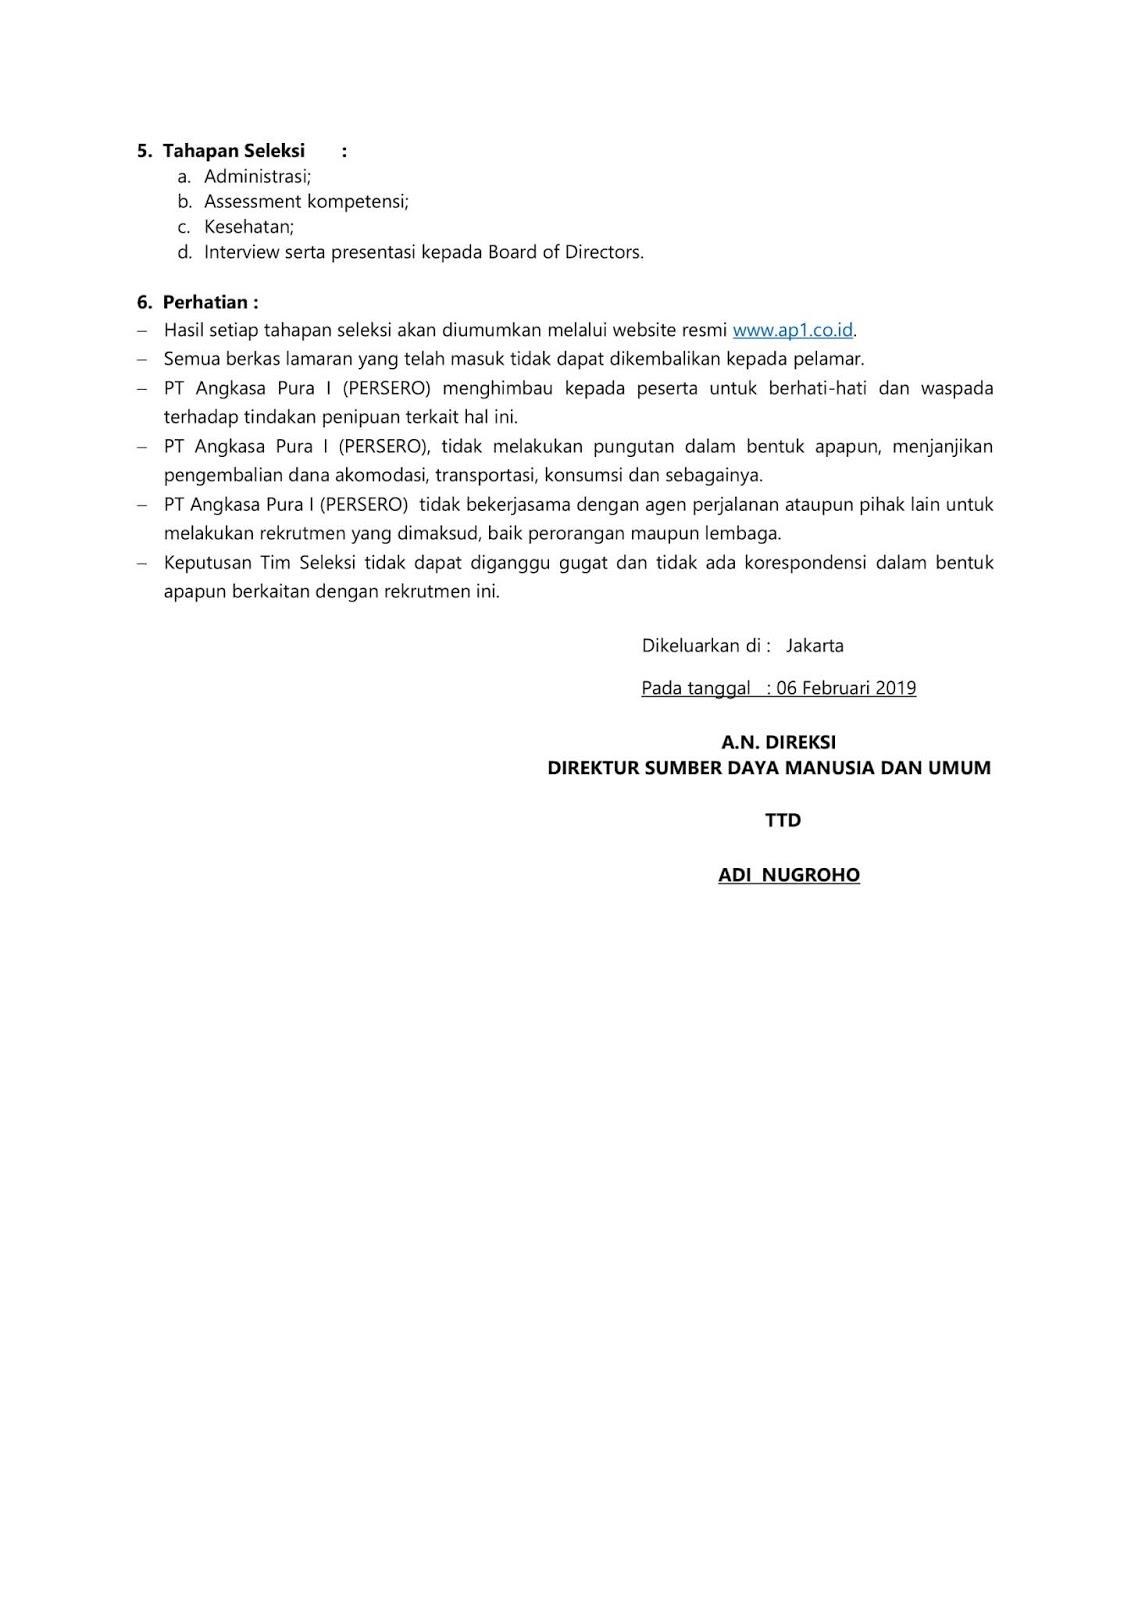 BUMN PT Angkasa Pura I (Persero)